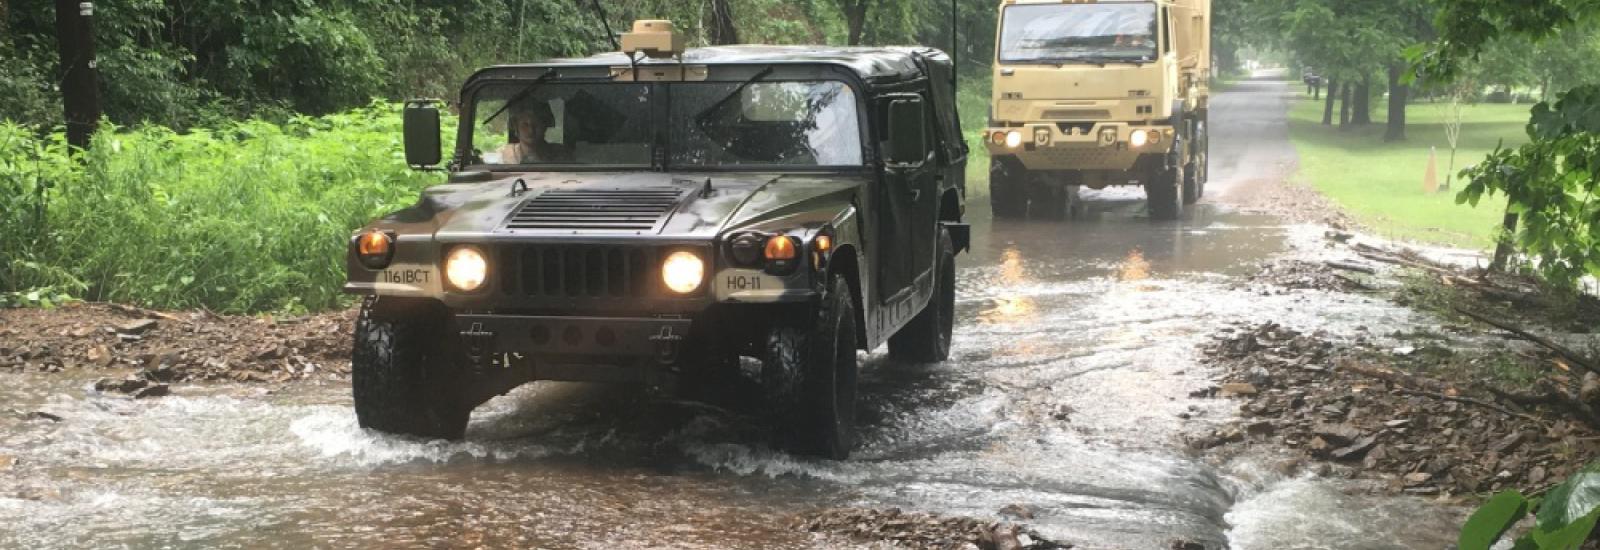 Flooding Hazards at Fort Belvoir